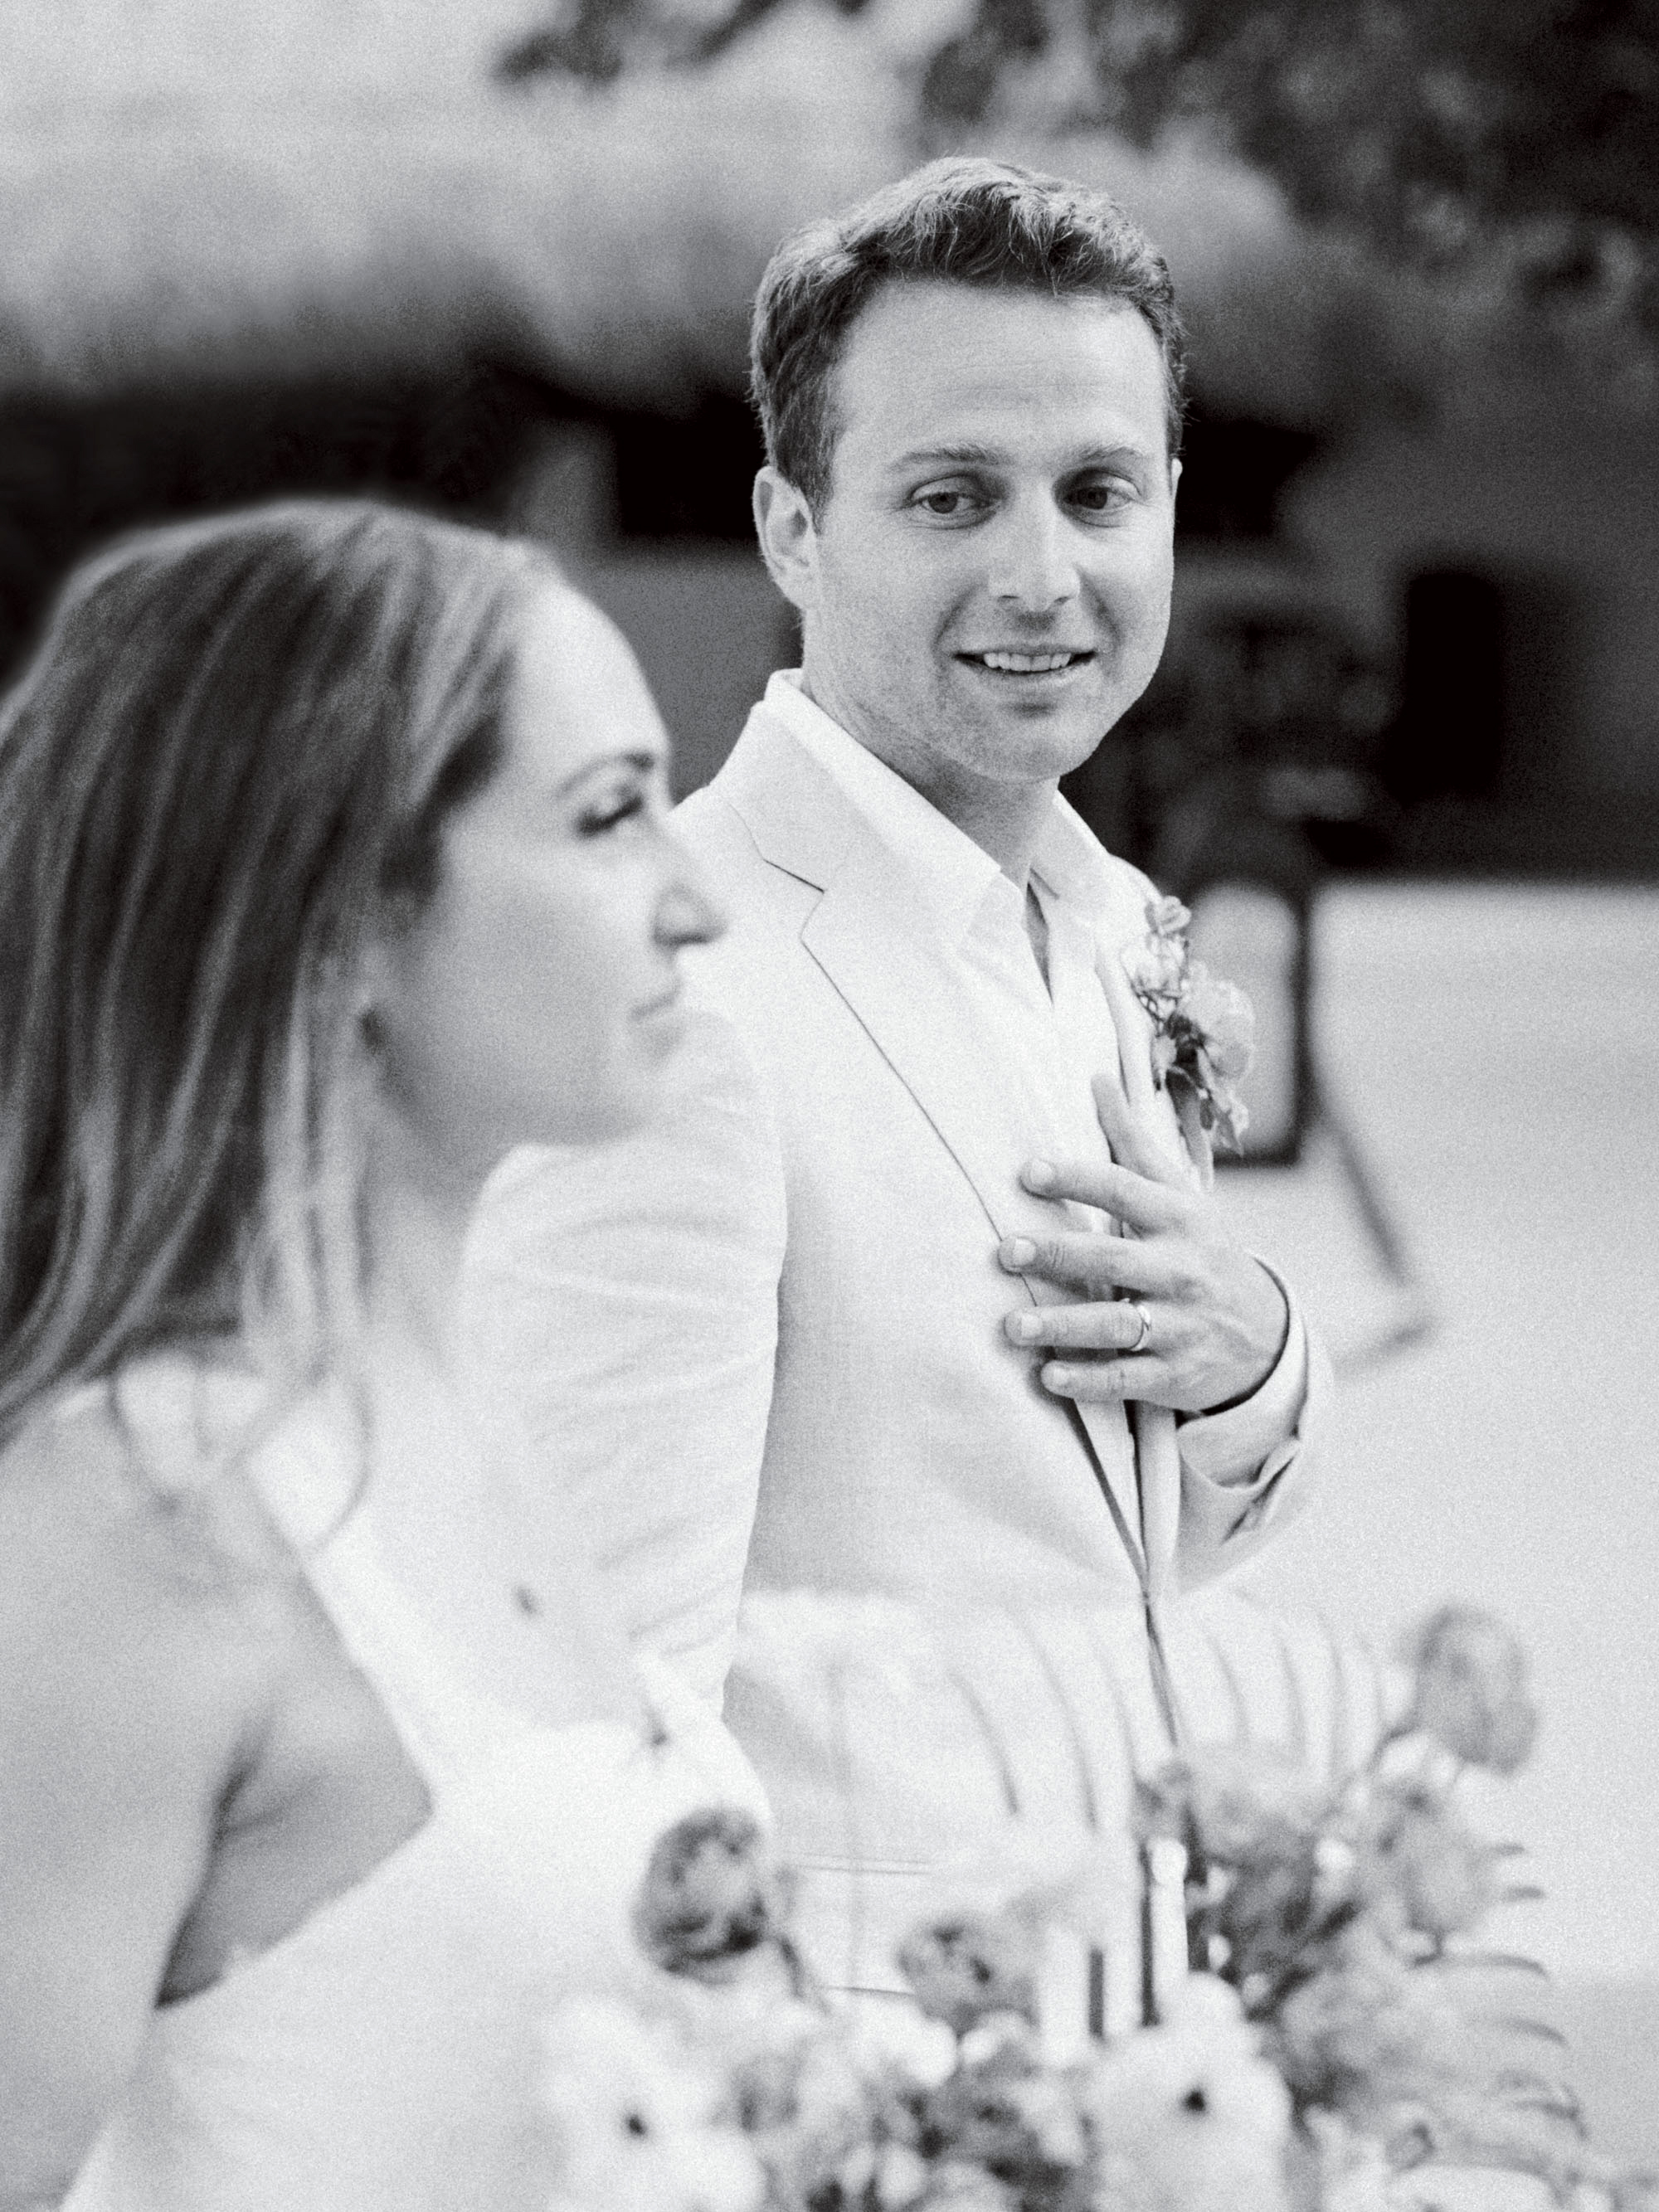 ariel trevor wedding tulum mexico recessional bride groom look